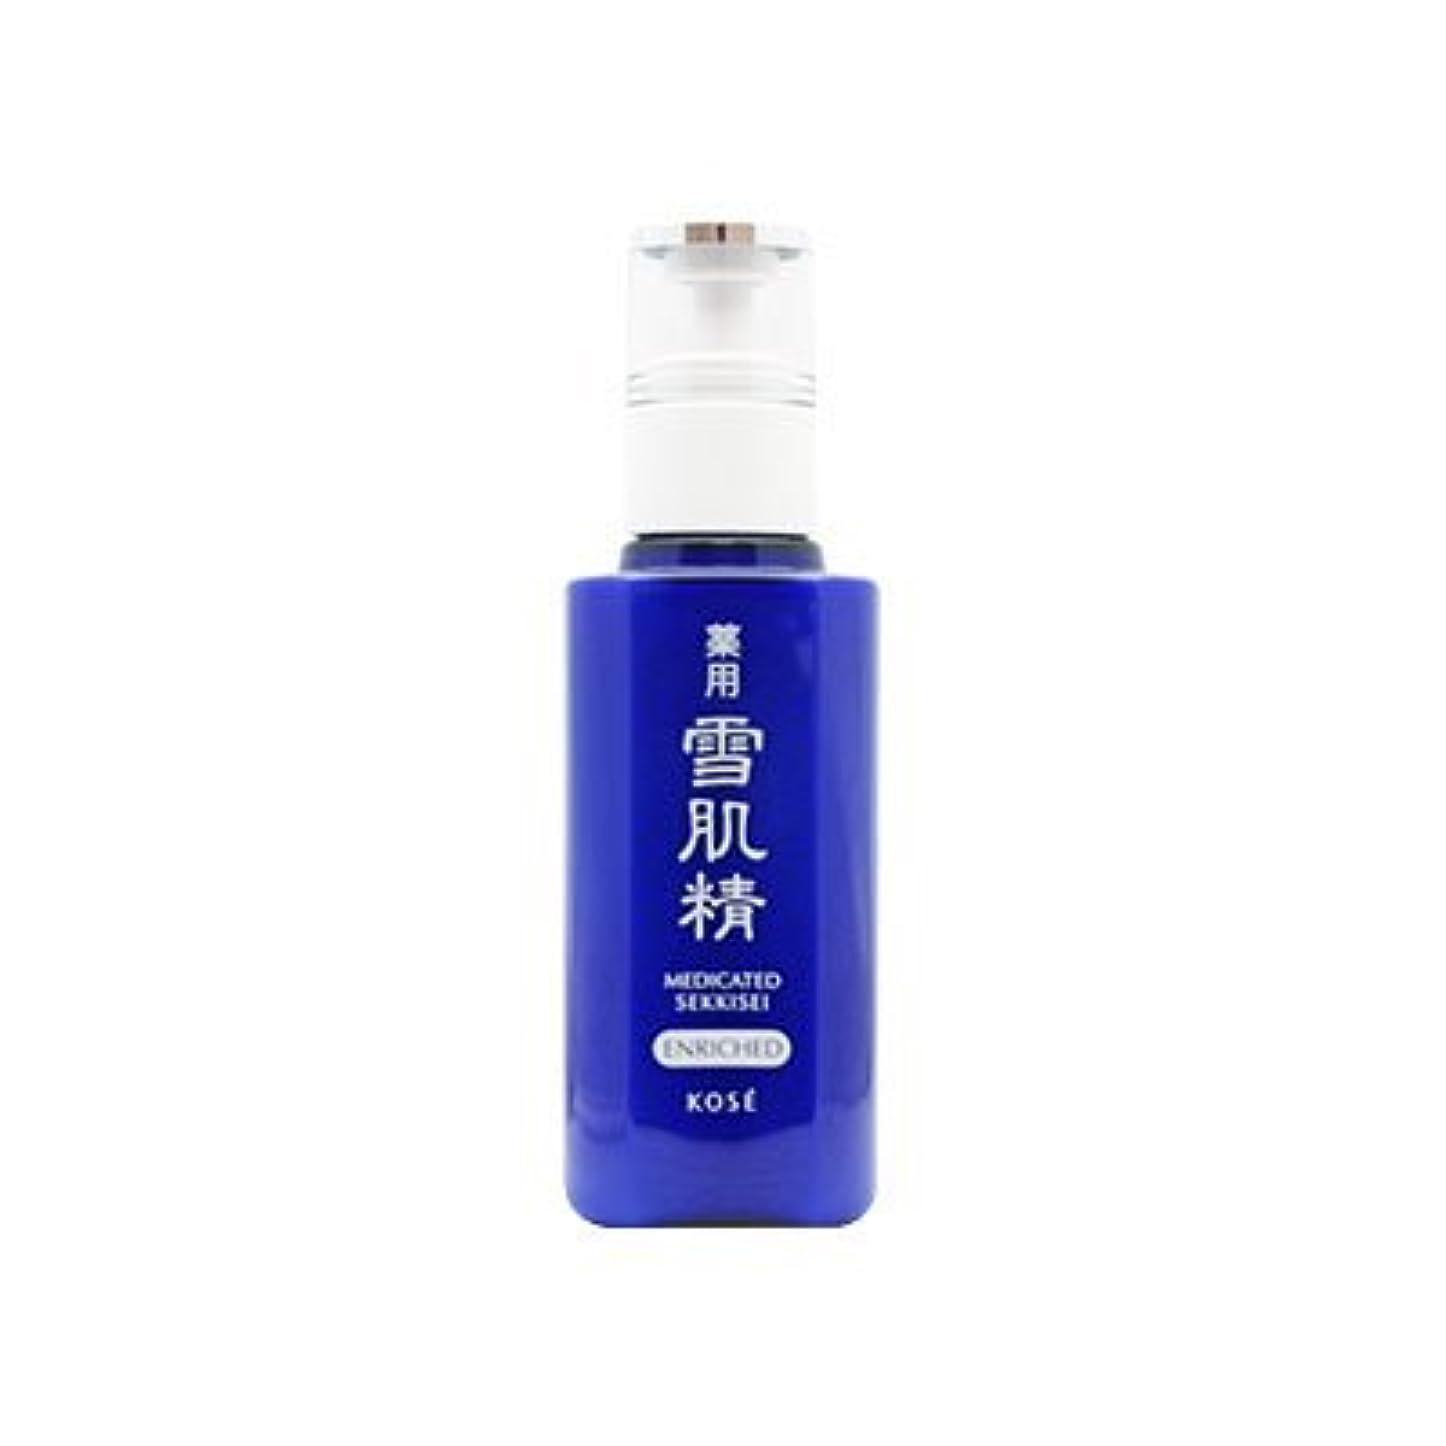 ビームエンドウ尊敬するコーセー(KOSE) 薬用 雪肌精 乳液 140ml[並行輸入品]